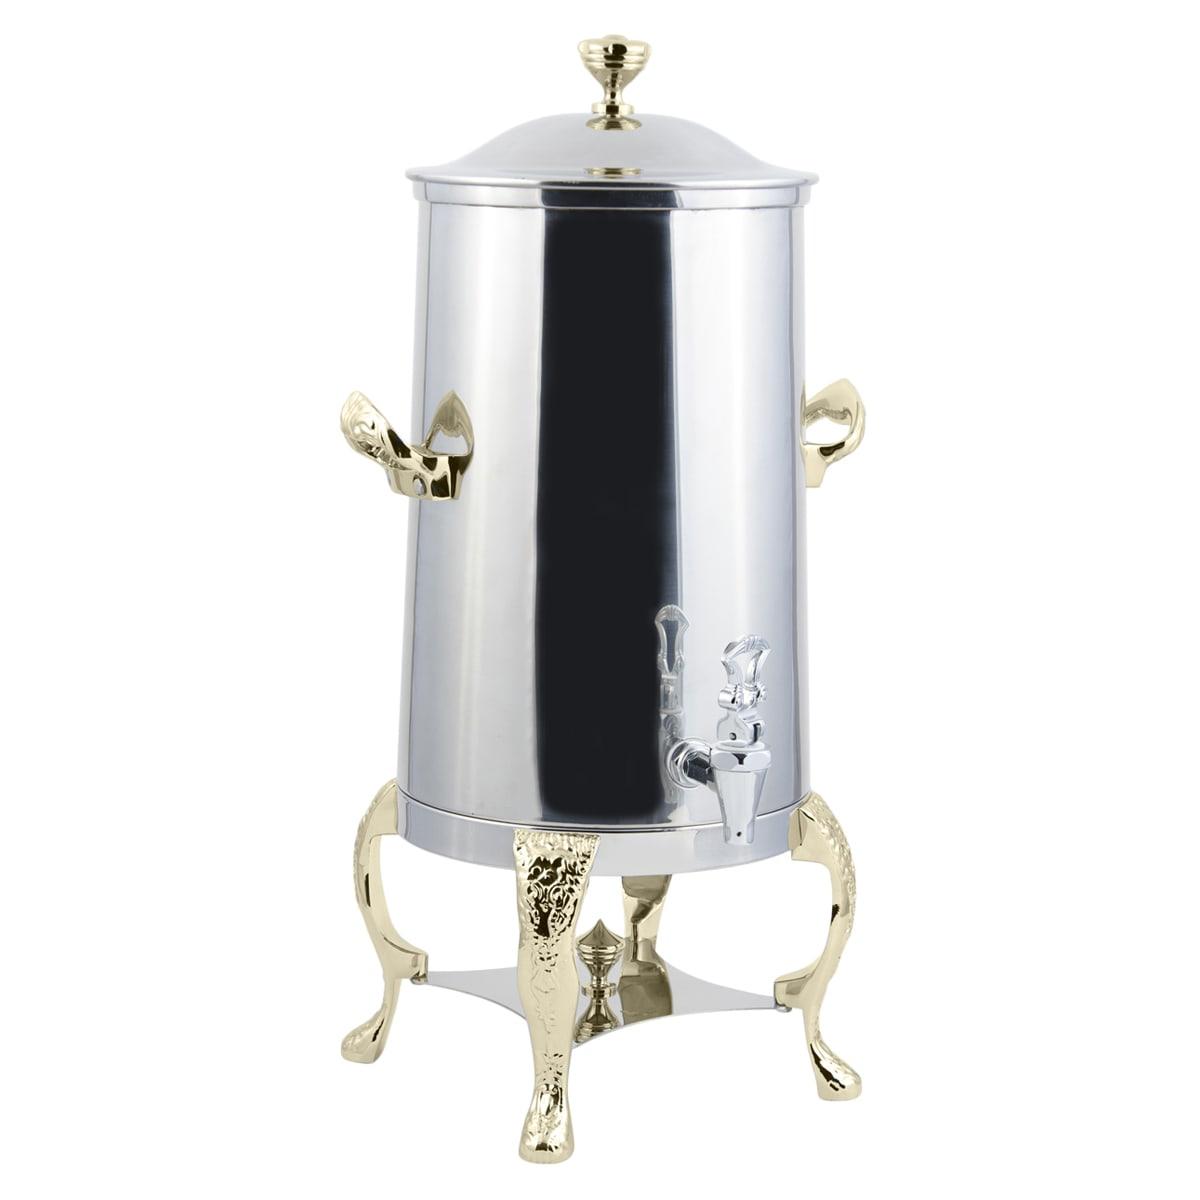 Bon Chef 47001 1.5-Gallon Insulated Coffee Urn Server